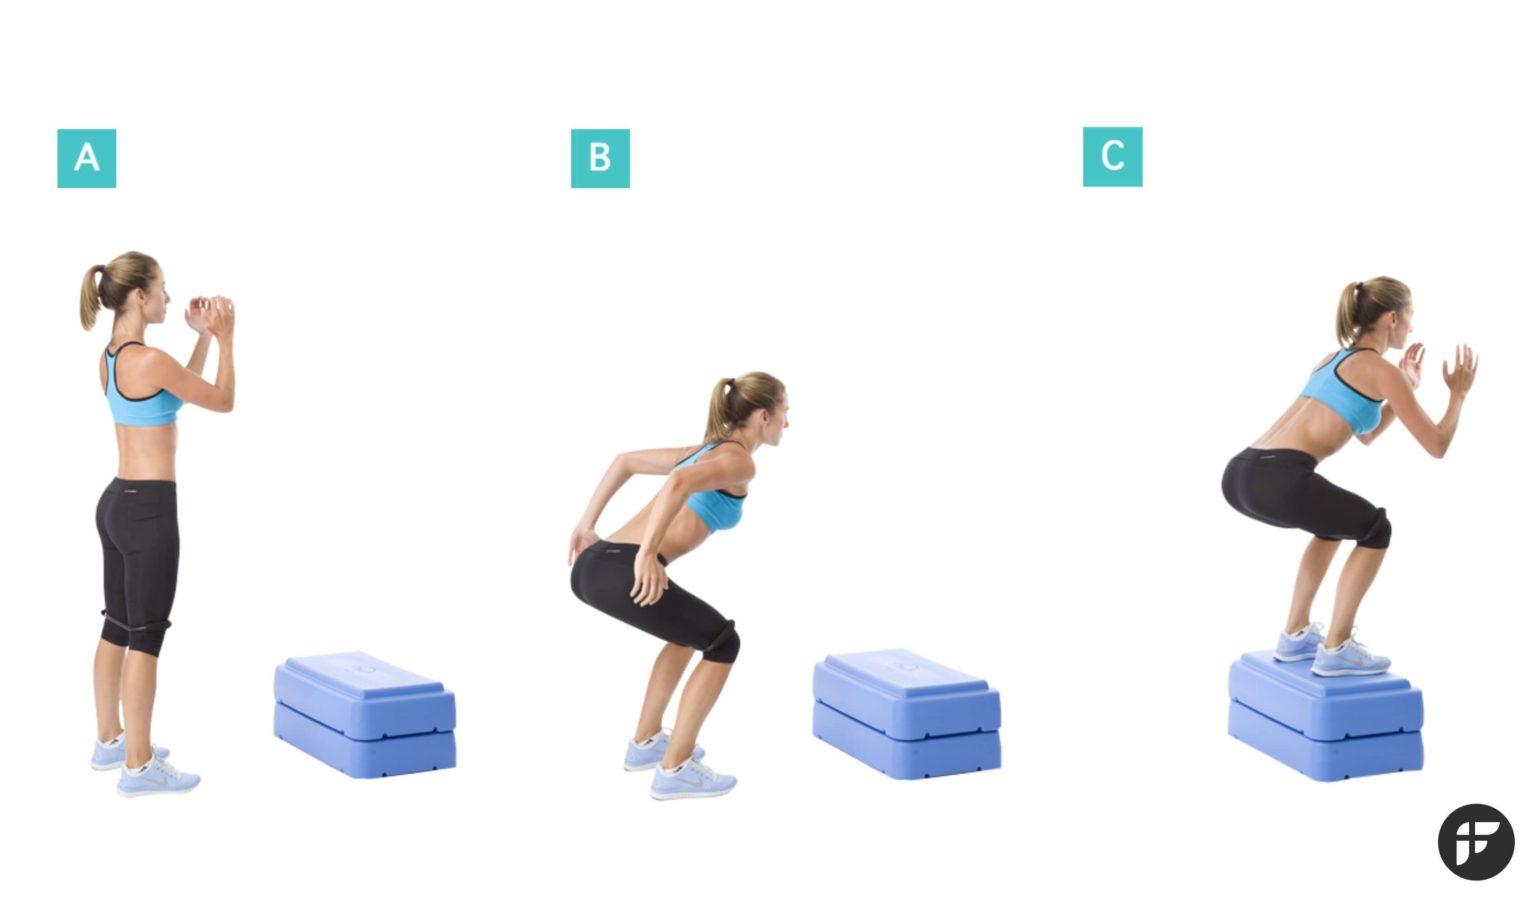 Жим ногами: польза упражнения, техника выполнения, правила подбора нагрузок, противопоказания и типичные ошибки